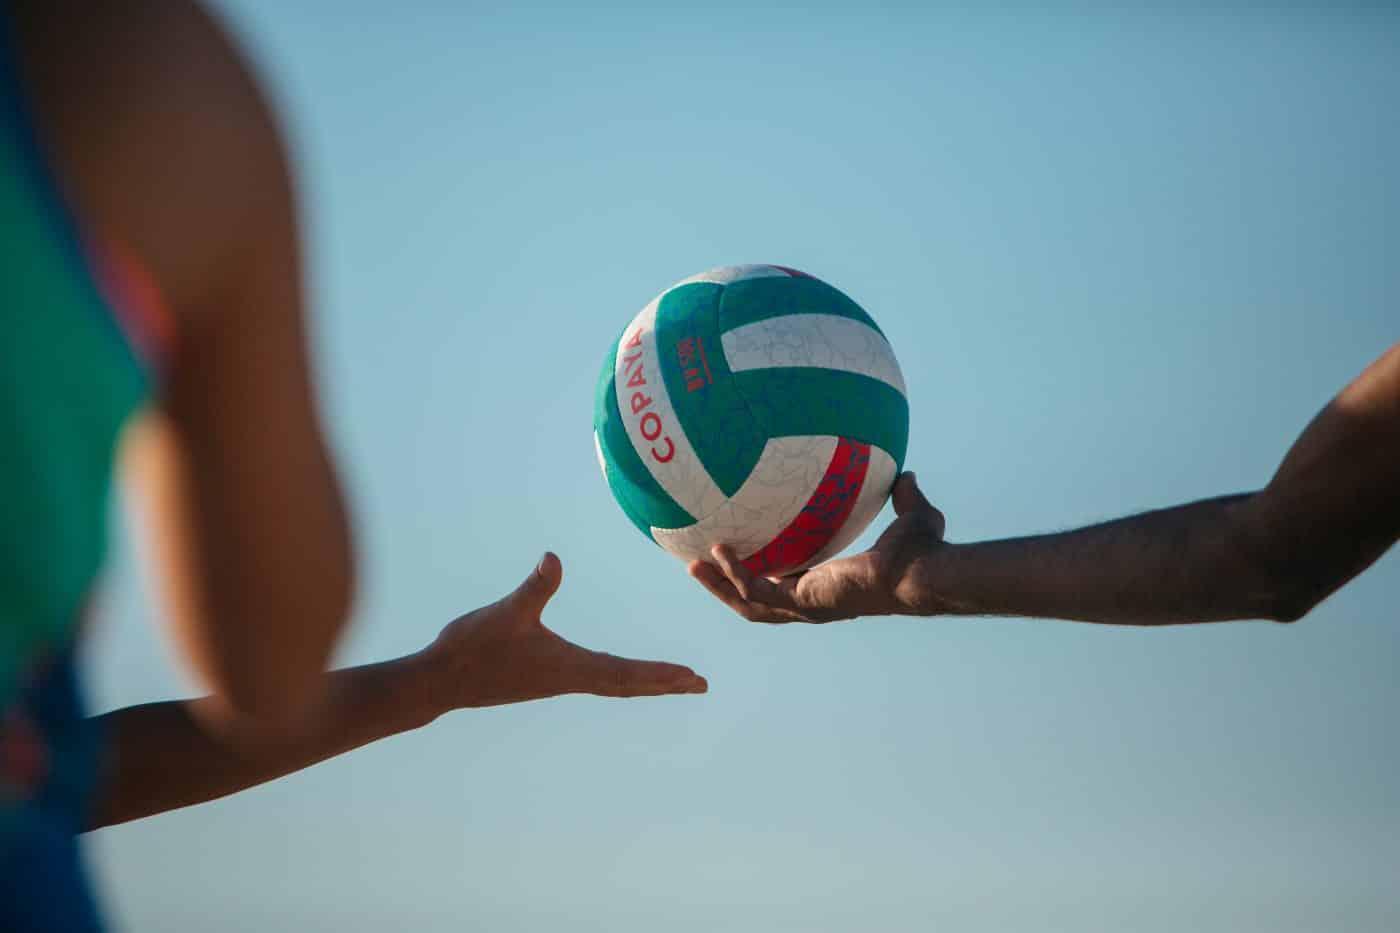 copaya-la-nouvelle-marque-de-beach-volley-chez-decathlon-4